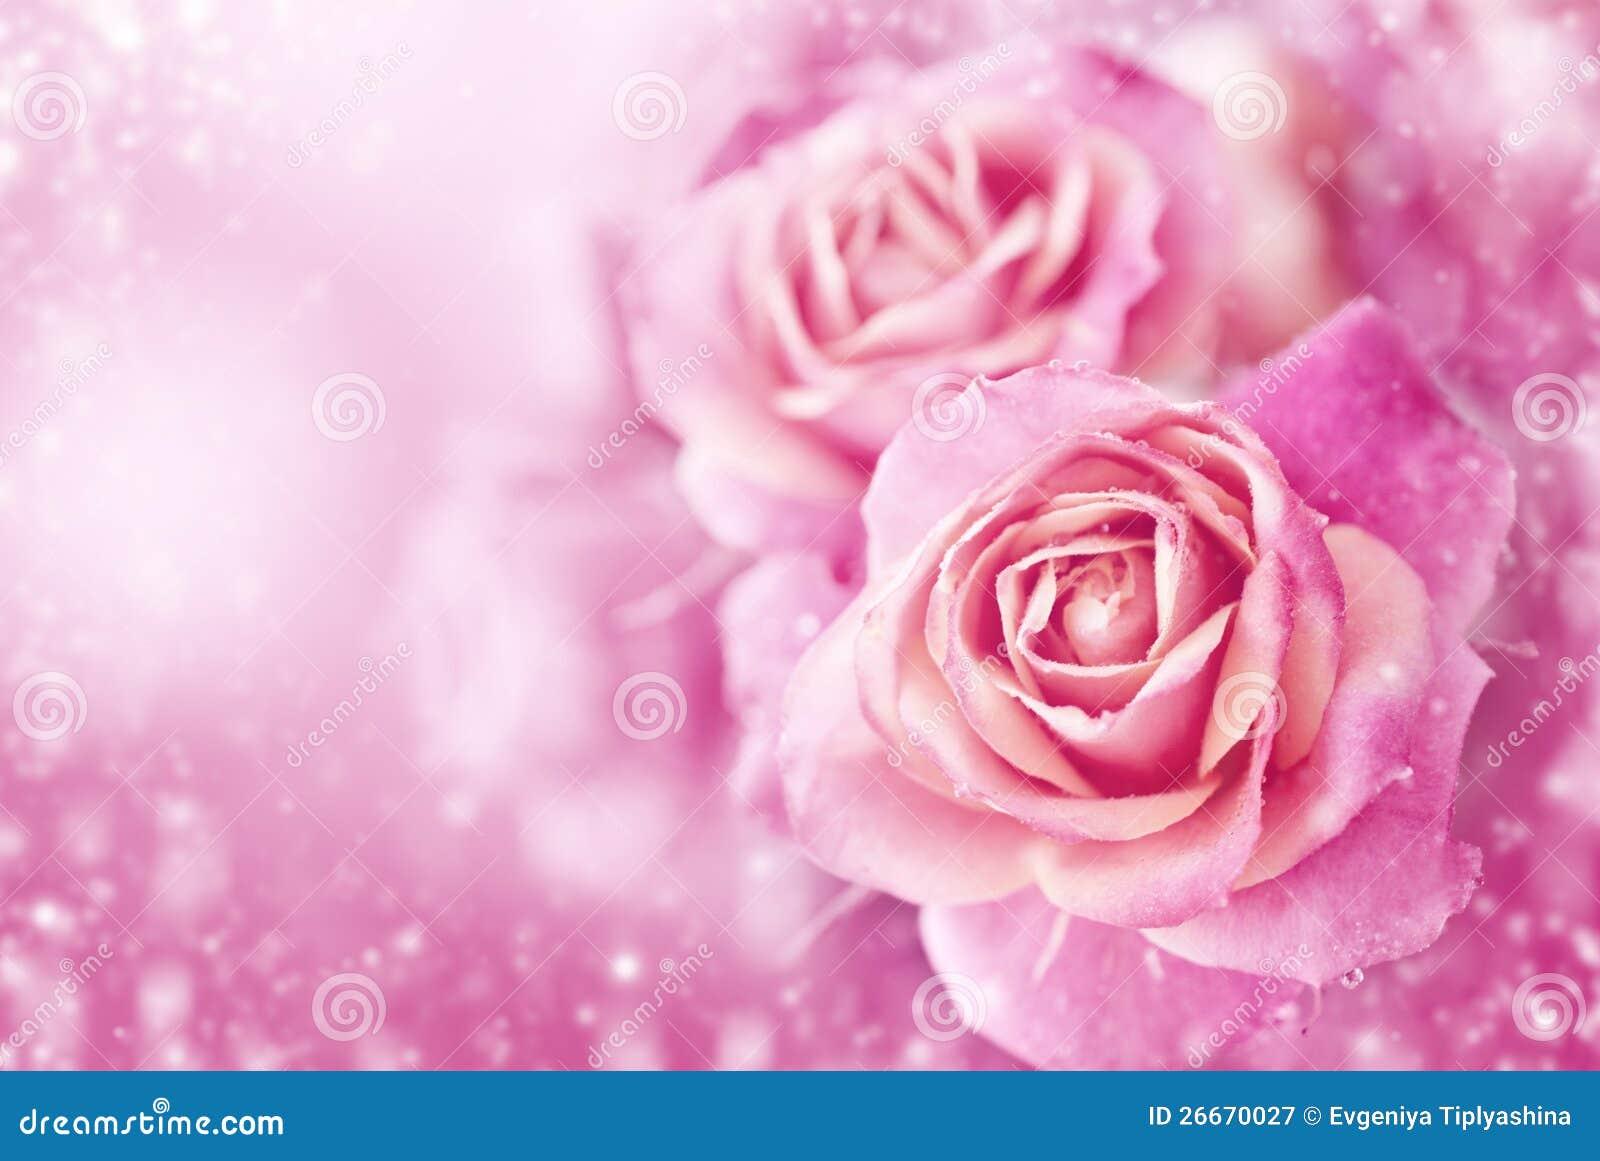 Rosas rosadas hermosas fotograf a de archivo libre de - Rosas rosas hermosas ...